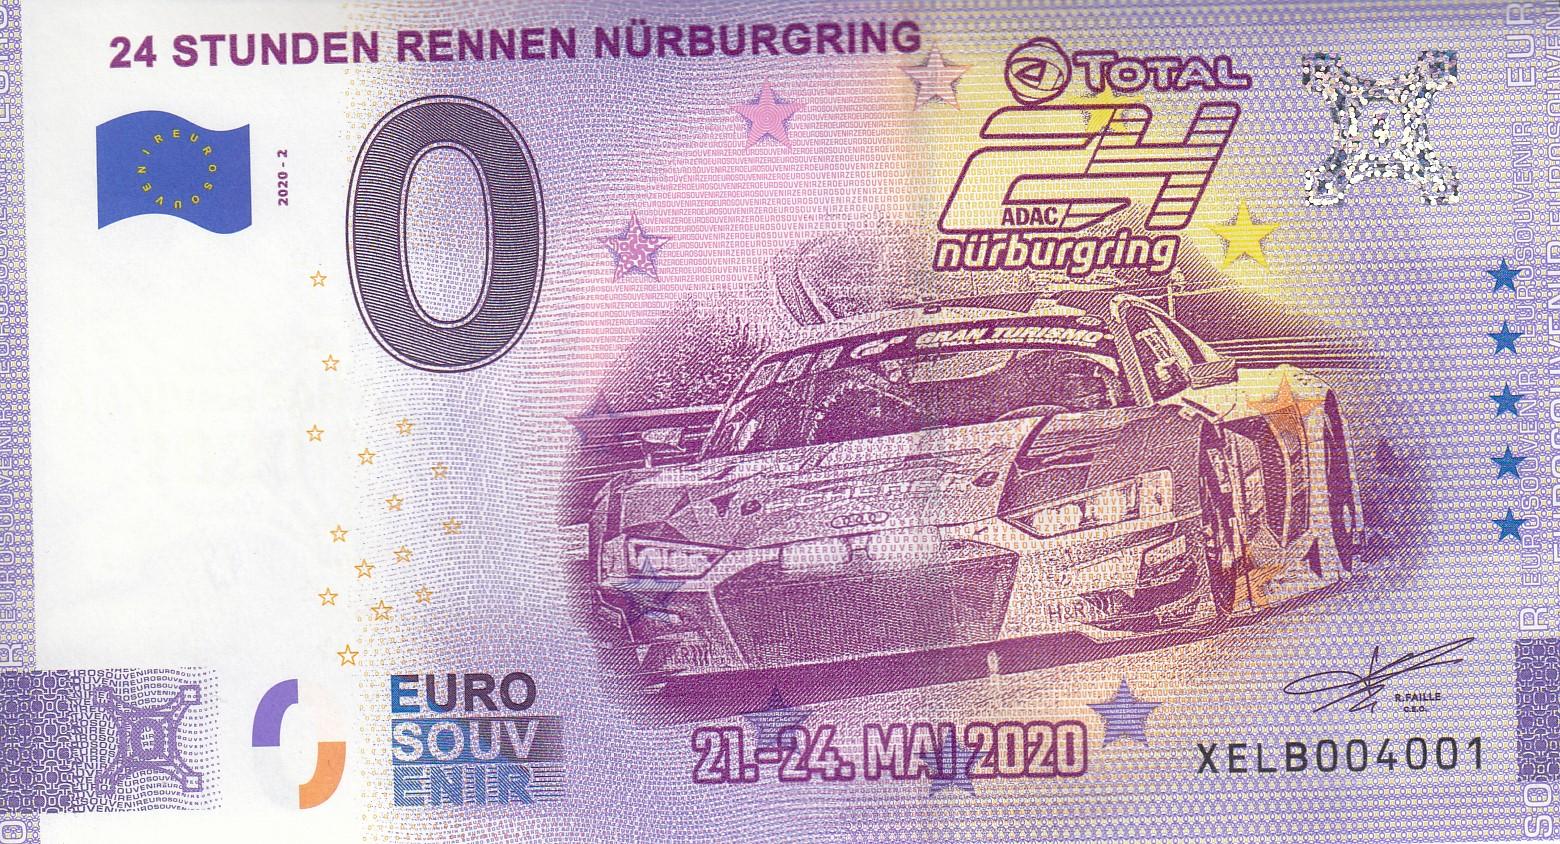 Beschaffung 24 Std Rennen Nurburgring 2020 2 2 Varianten Beendet Deutsches Munzenforum